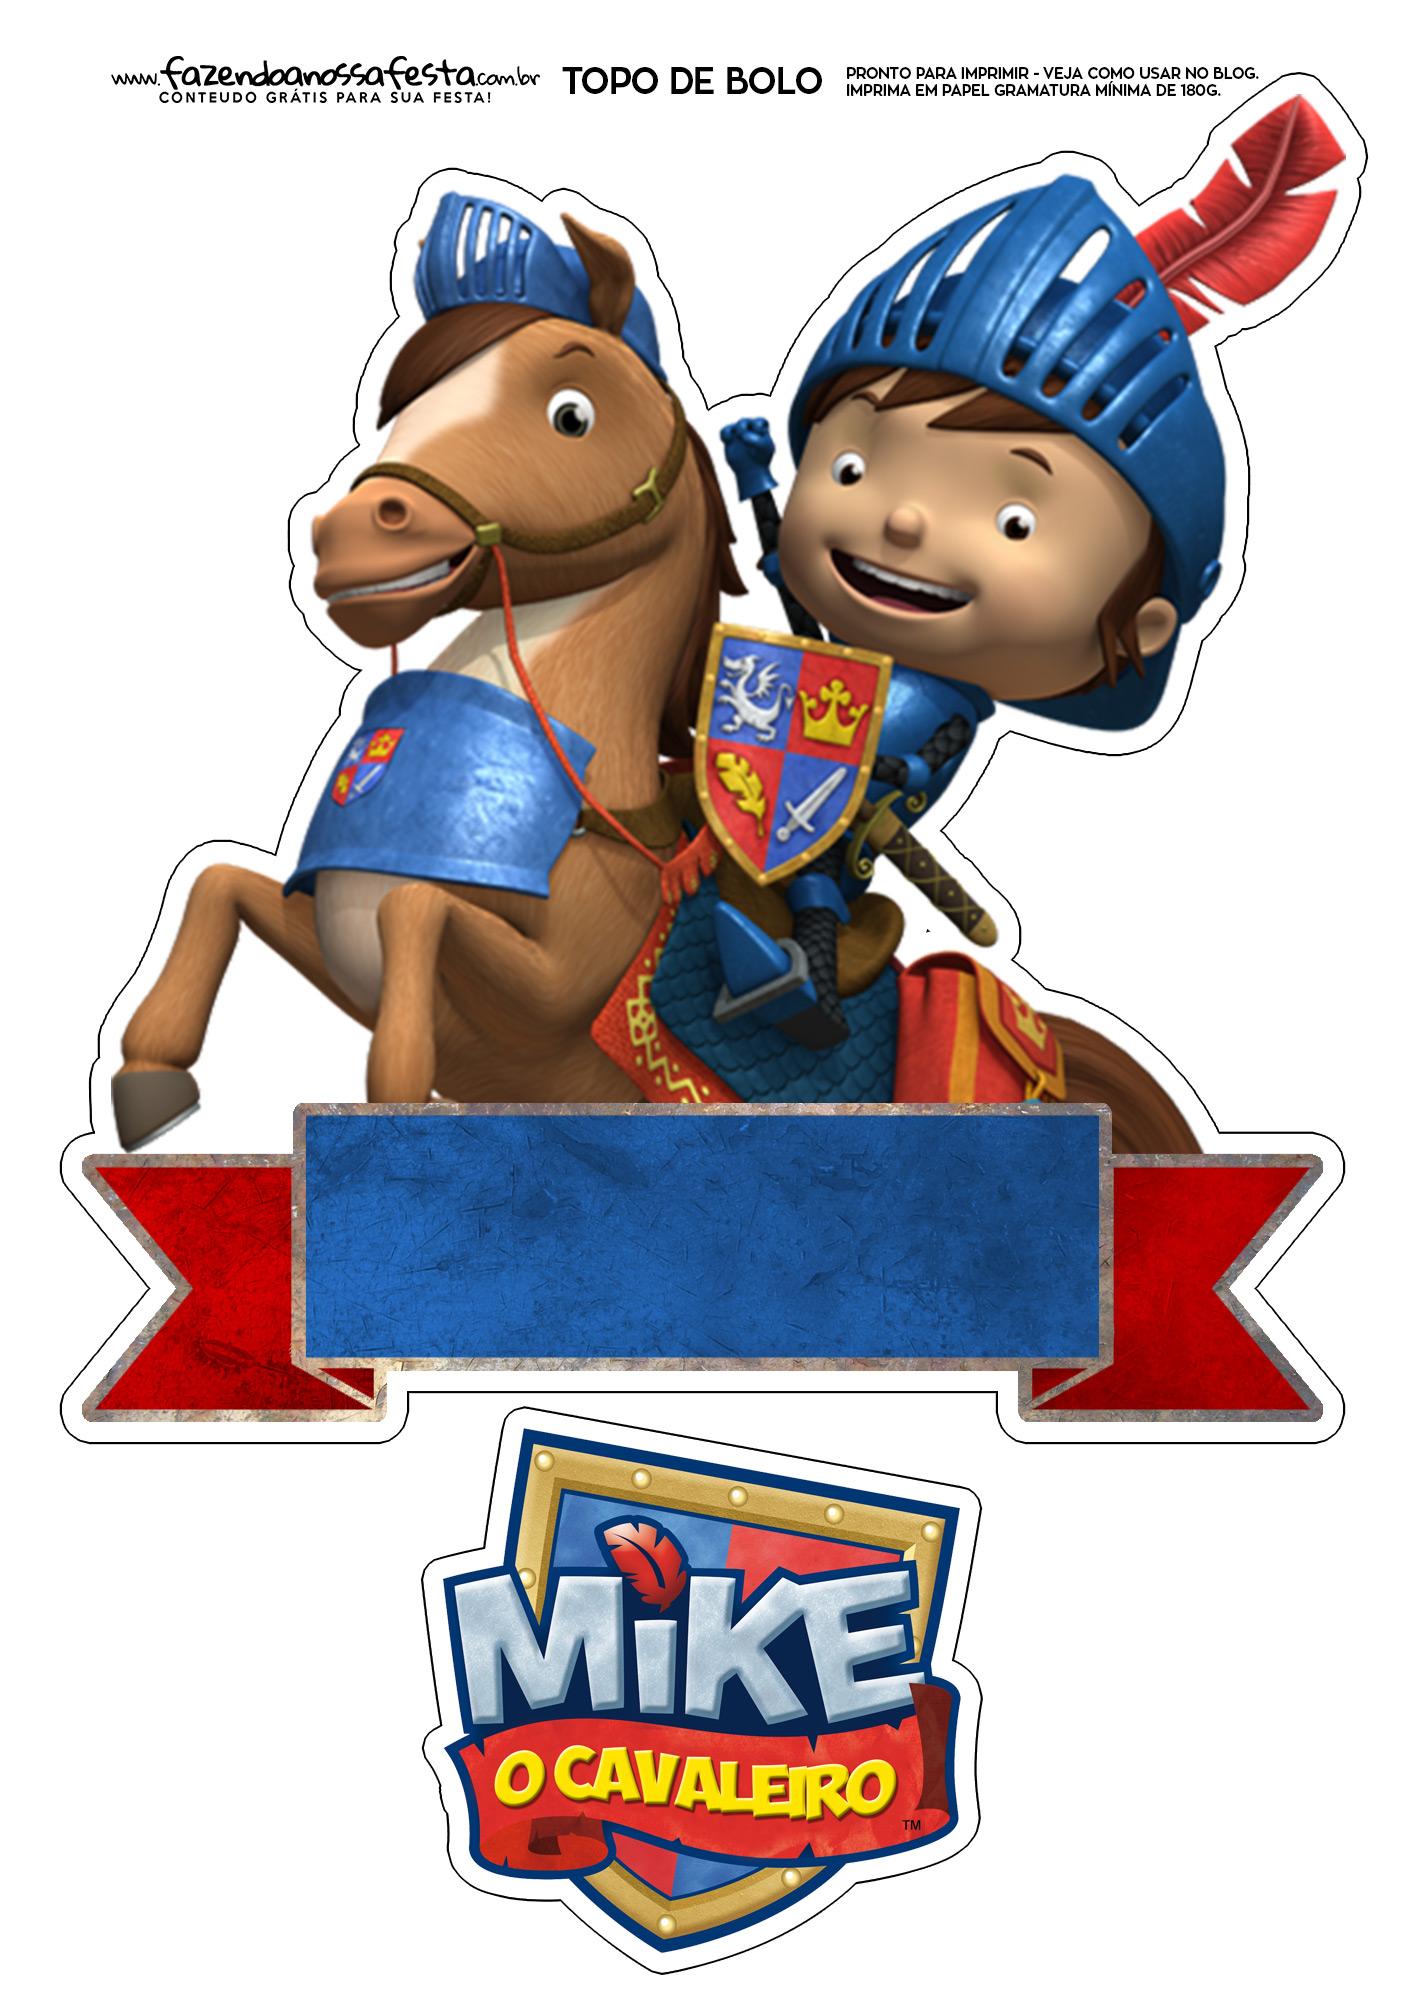 Topo de Bolo Mike o Cavaleiro 2